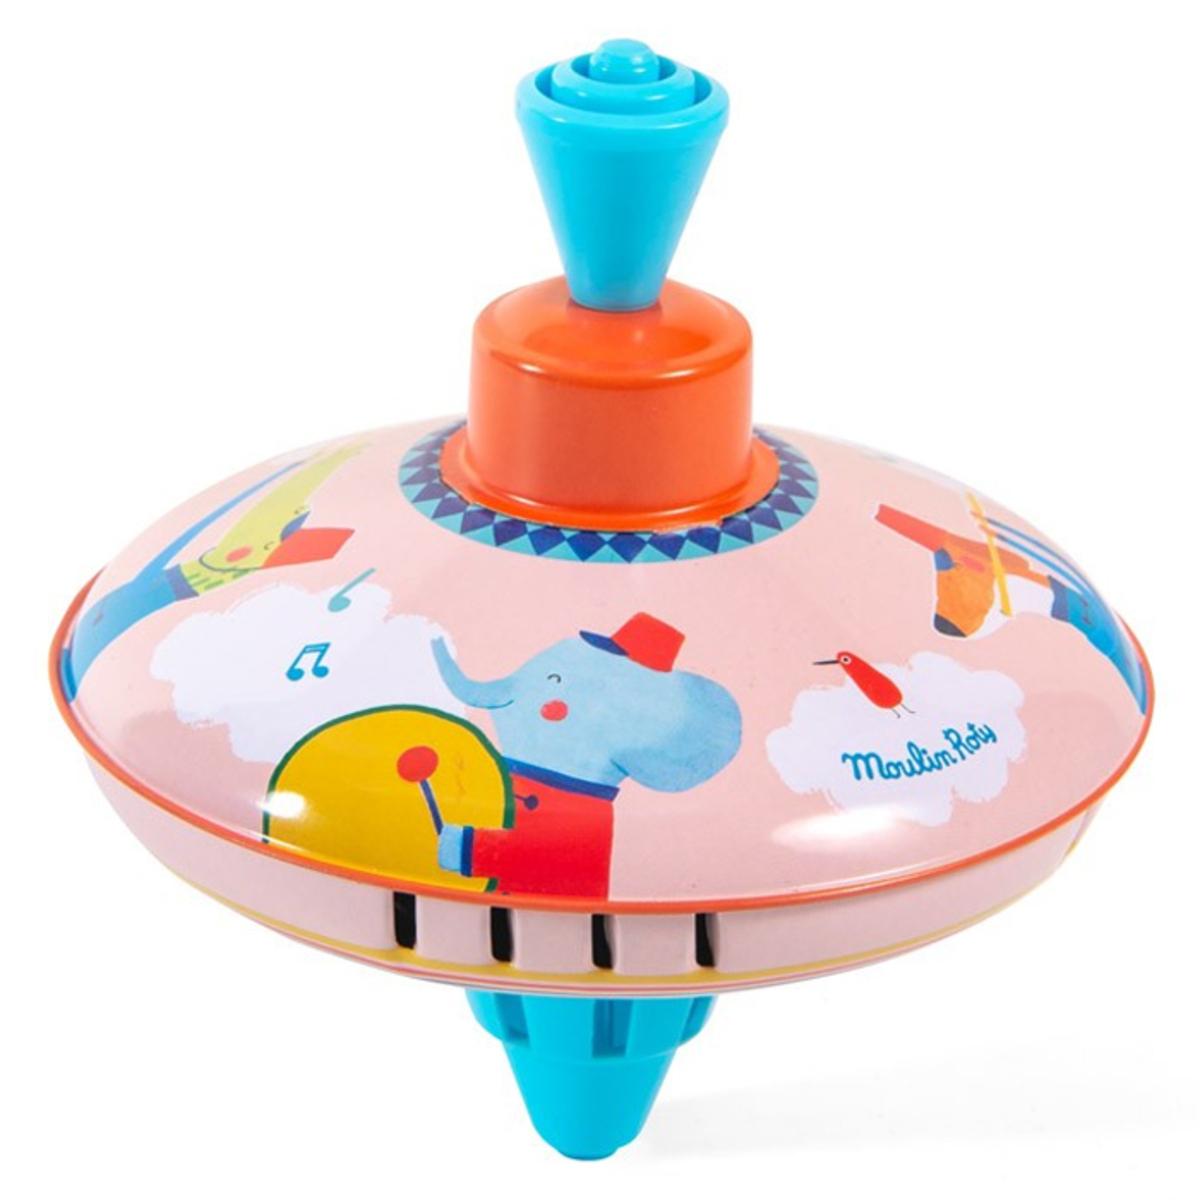 Mes premiers jouets Petite Toupie Fanfare - Les Jouets Métal Petite Toupie Fanfare - Les Jouets Métal